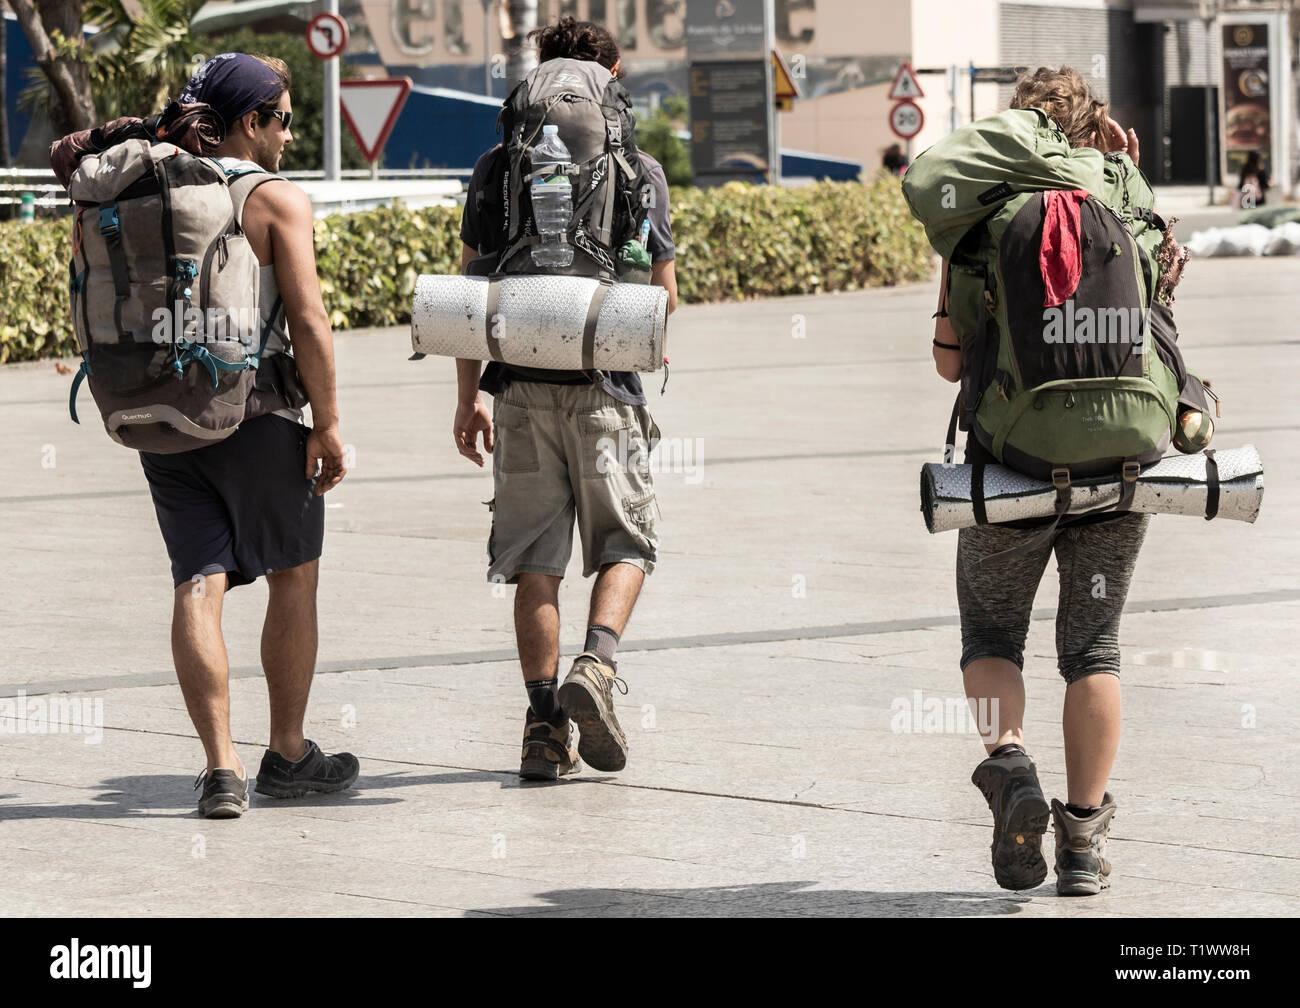 Trois jeunes gens portant de grands sacs à dos. Gap Year, aventures, voyages... Photo Stock